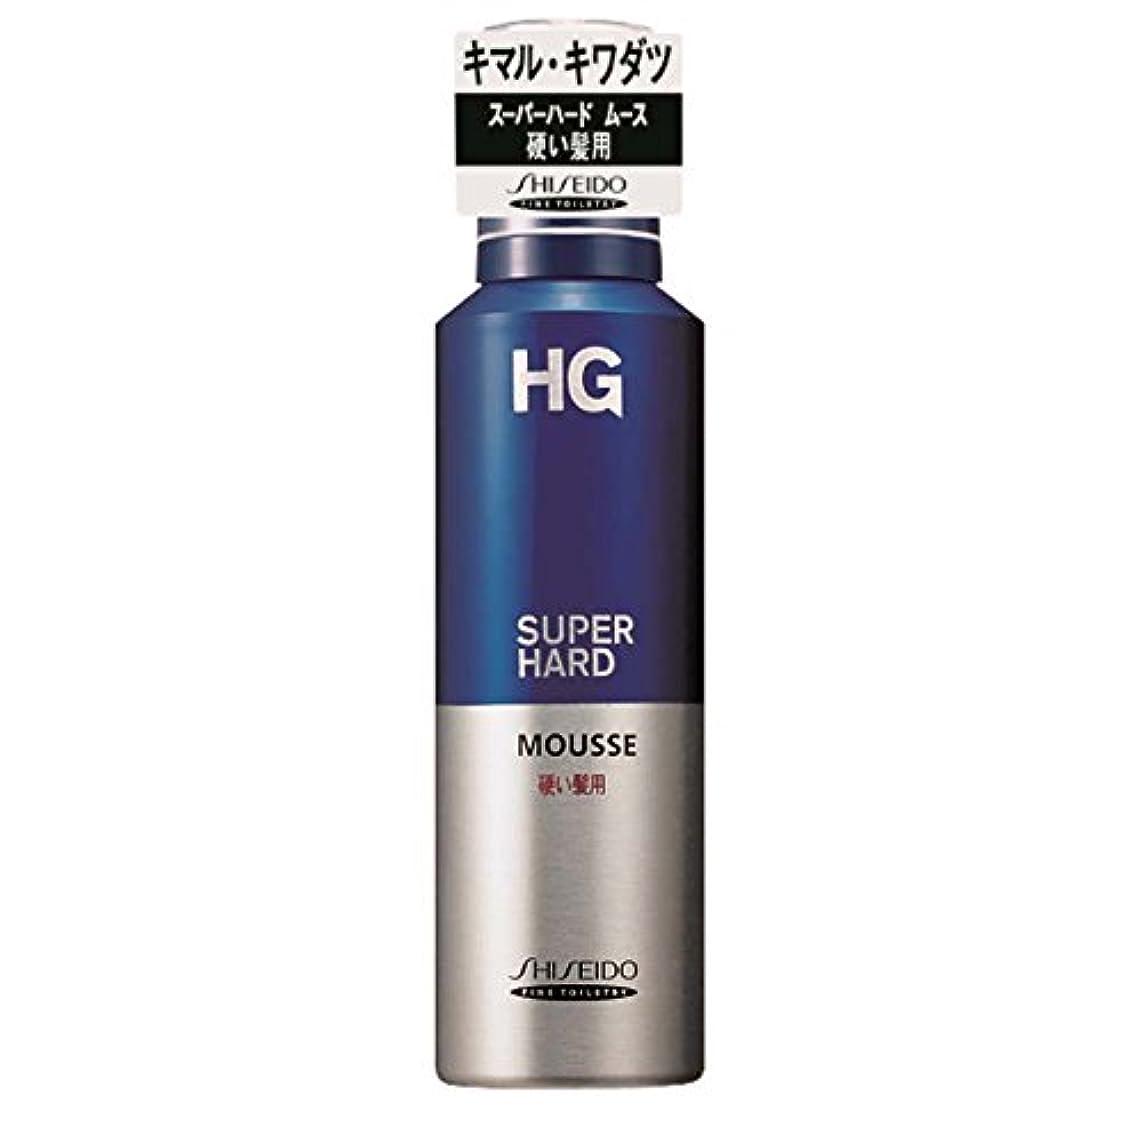 無秩序トレーニング大邸宅HG スーパーハード ムース 硬い髪用 180g